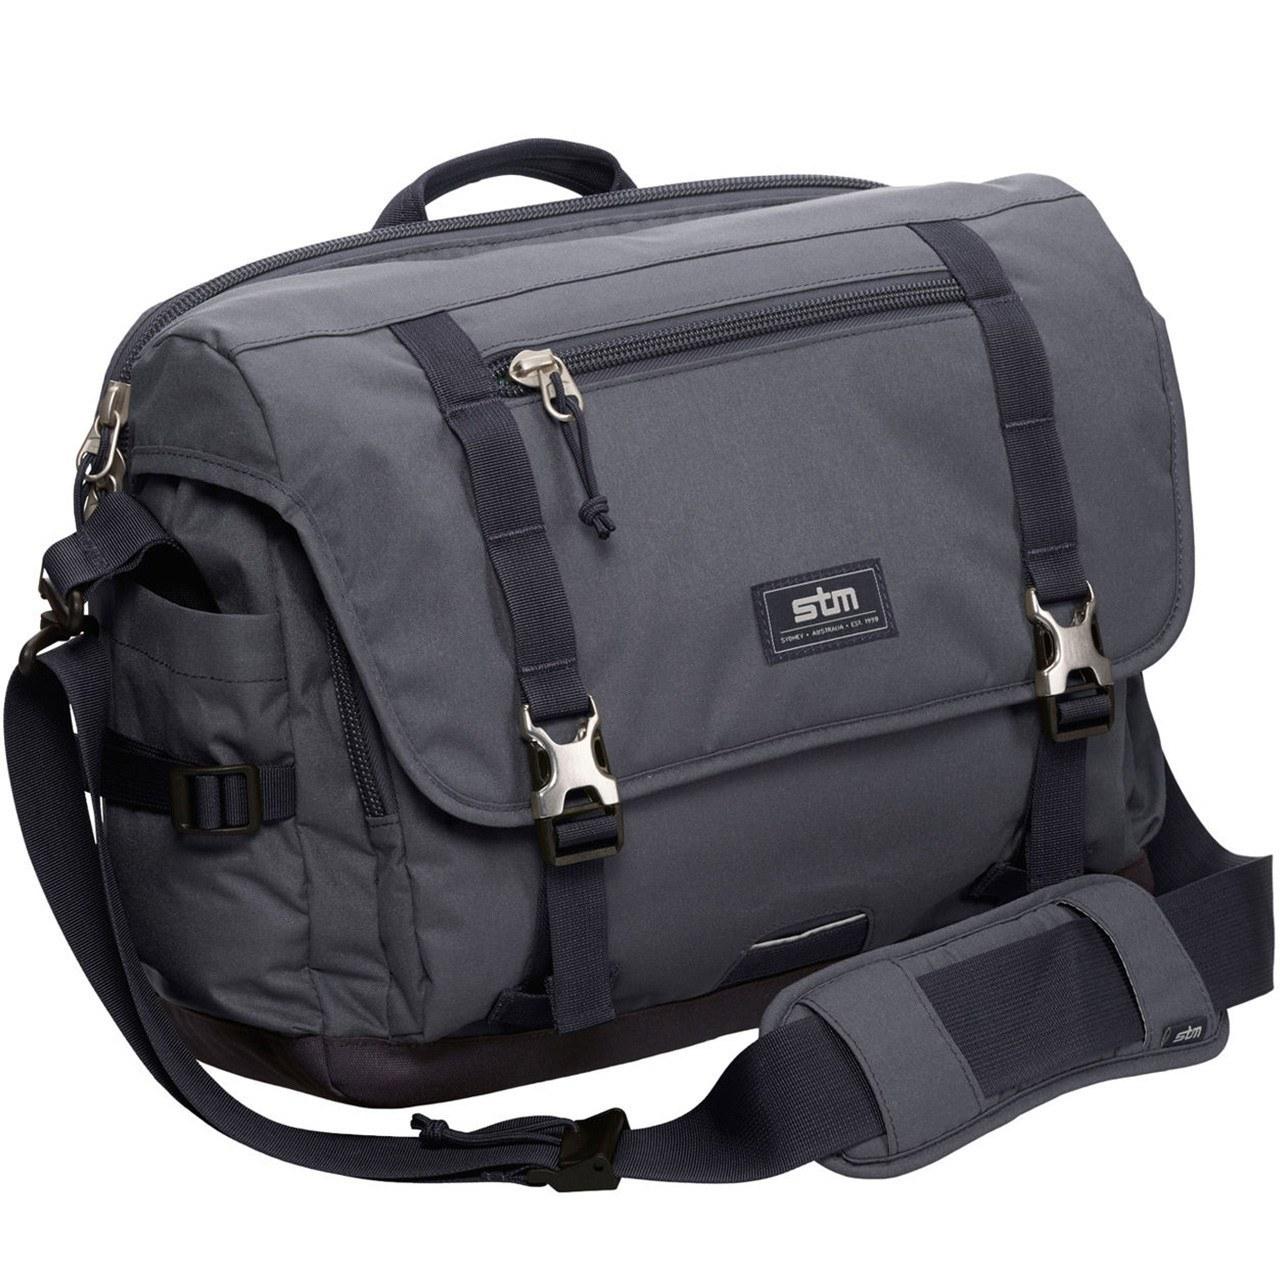 کيف رودوشي اس تي ام مدل تراست براي لپ تاپ 13 اينچ | STM Trust Bag For 13 Inch Laptop